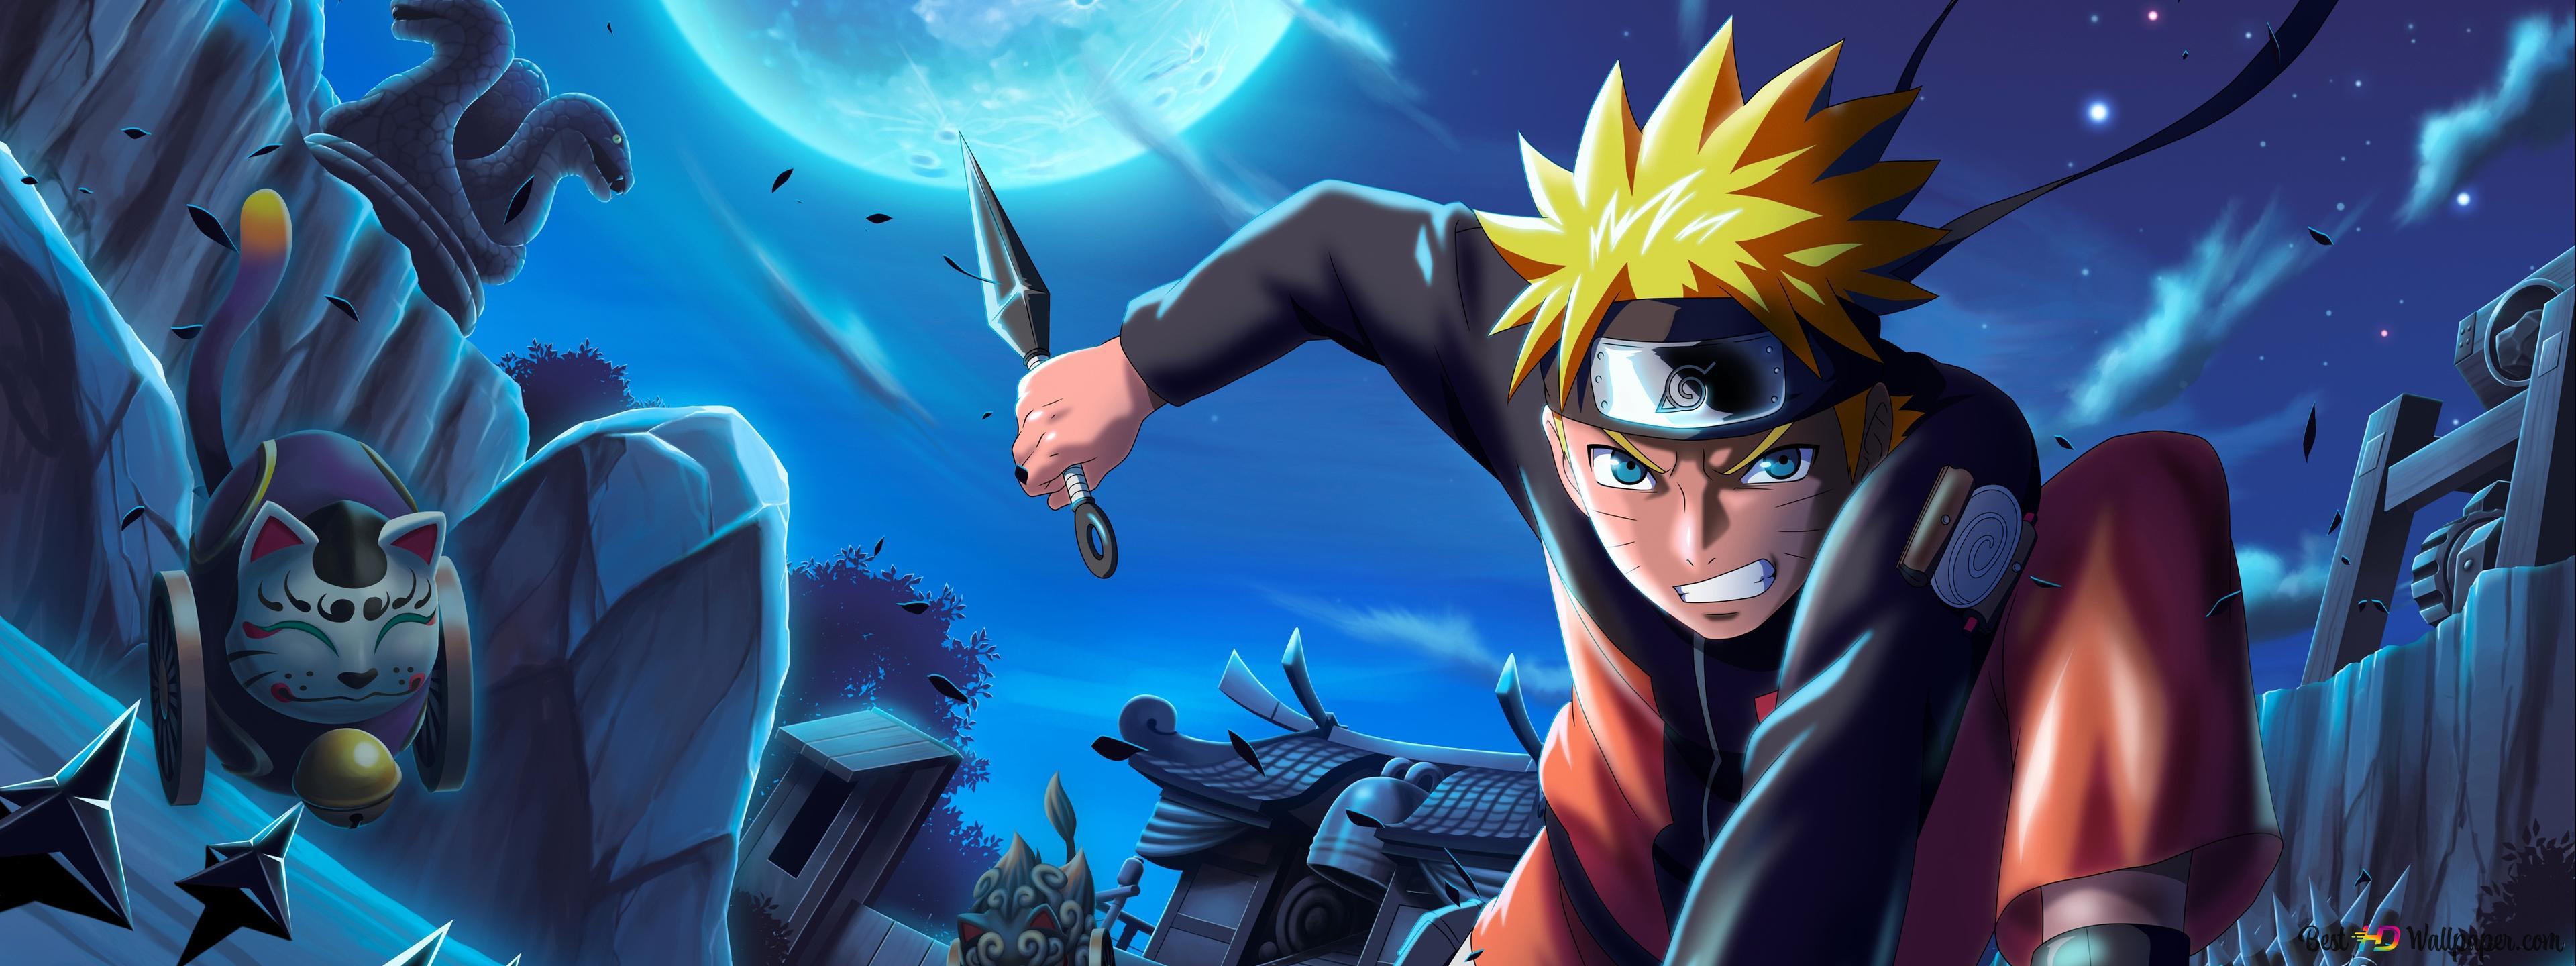 Descargar Fondo De Pantalla 4k Naruto Uzumaki Hd